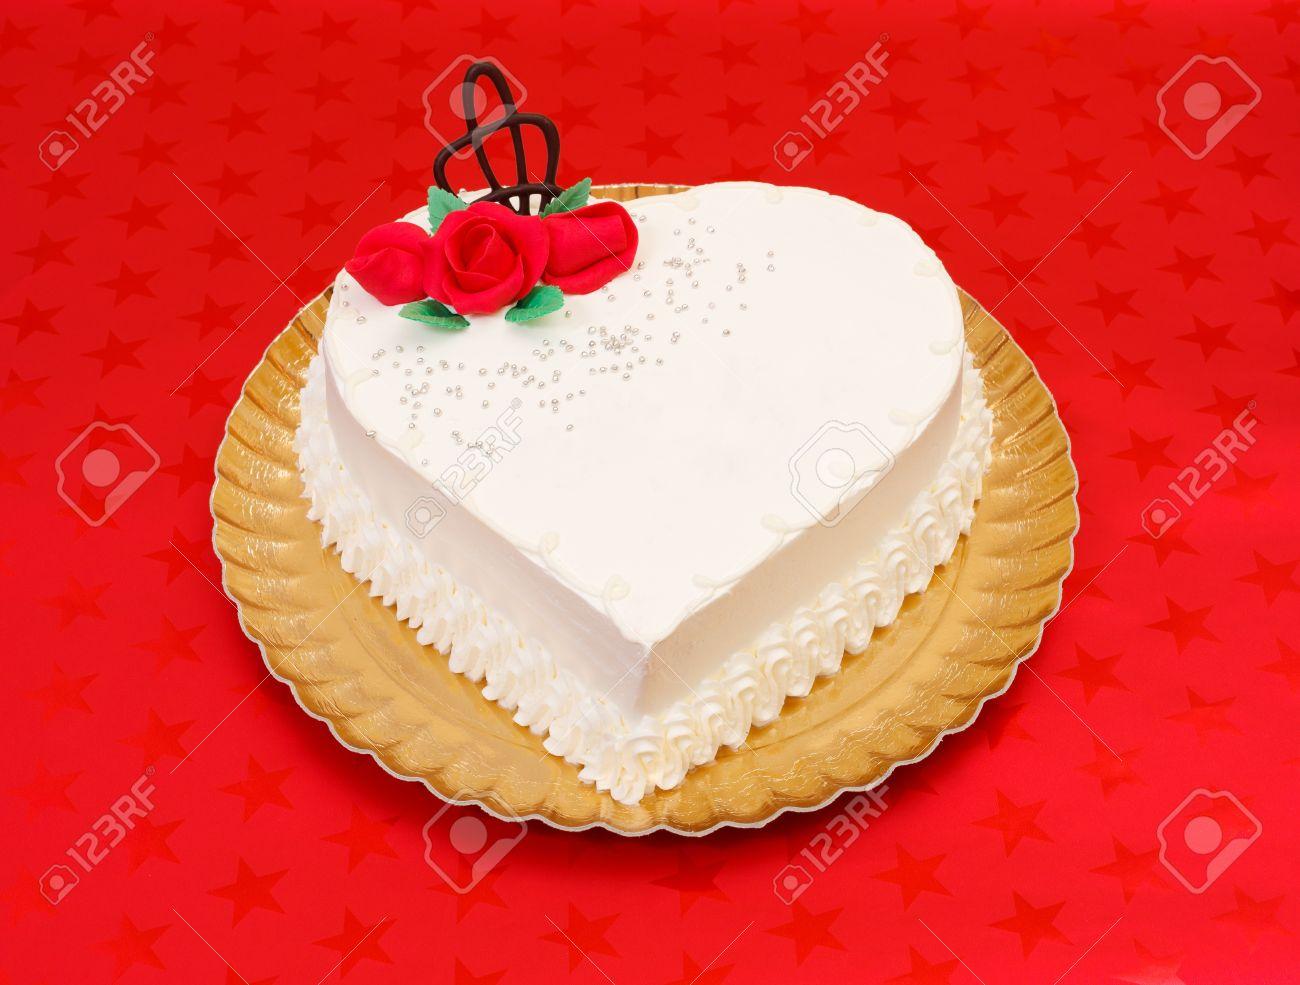 Weiss Herz Kuchen Mit Roten Marzipan Rosen Auf Rotem Hintergrund